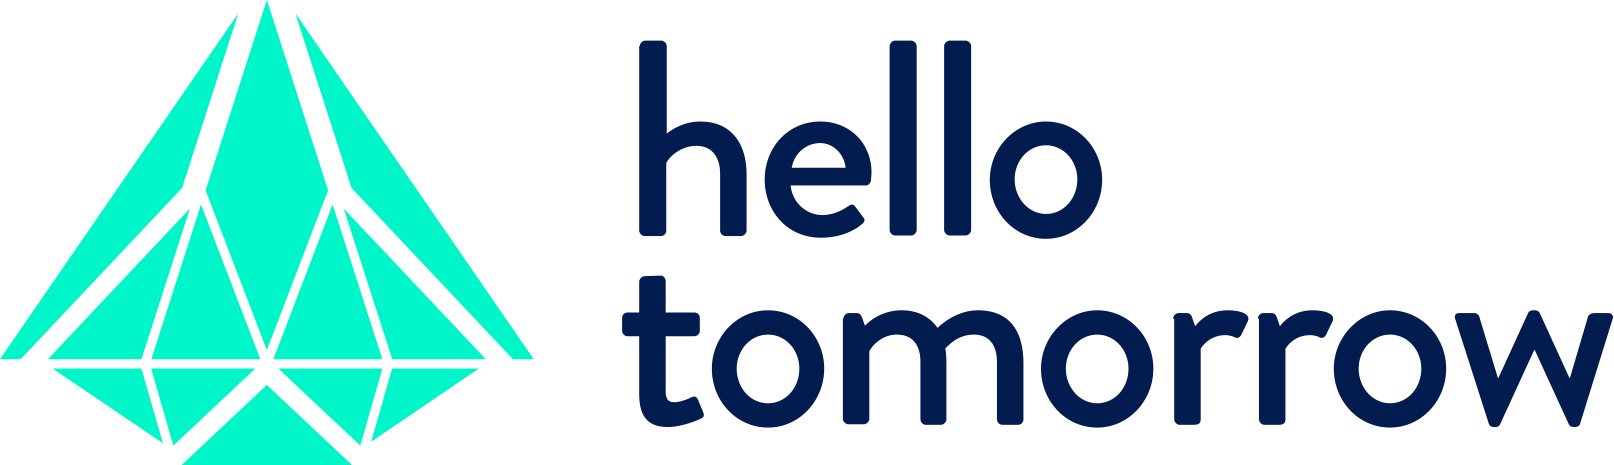 Hello-tomorrow-1-min